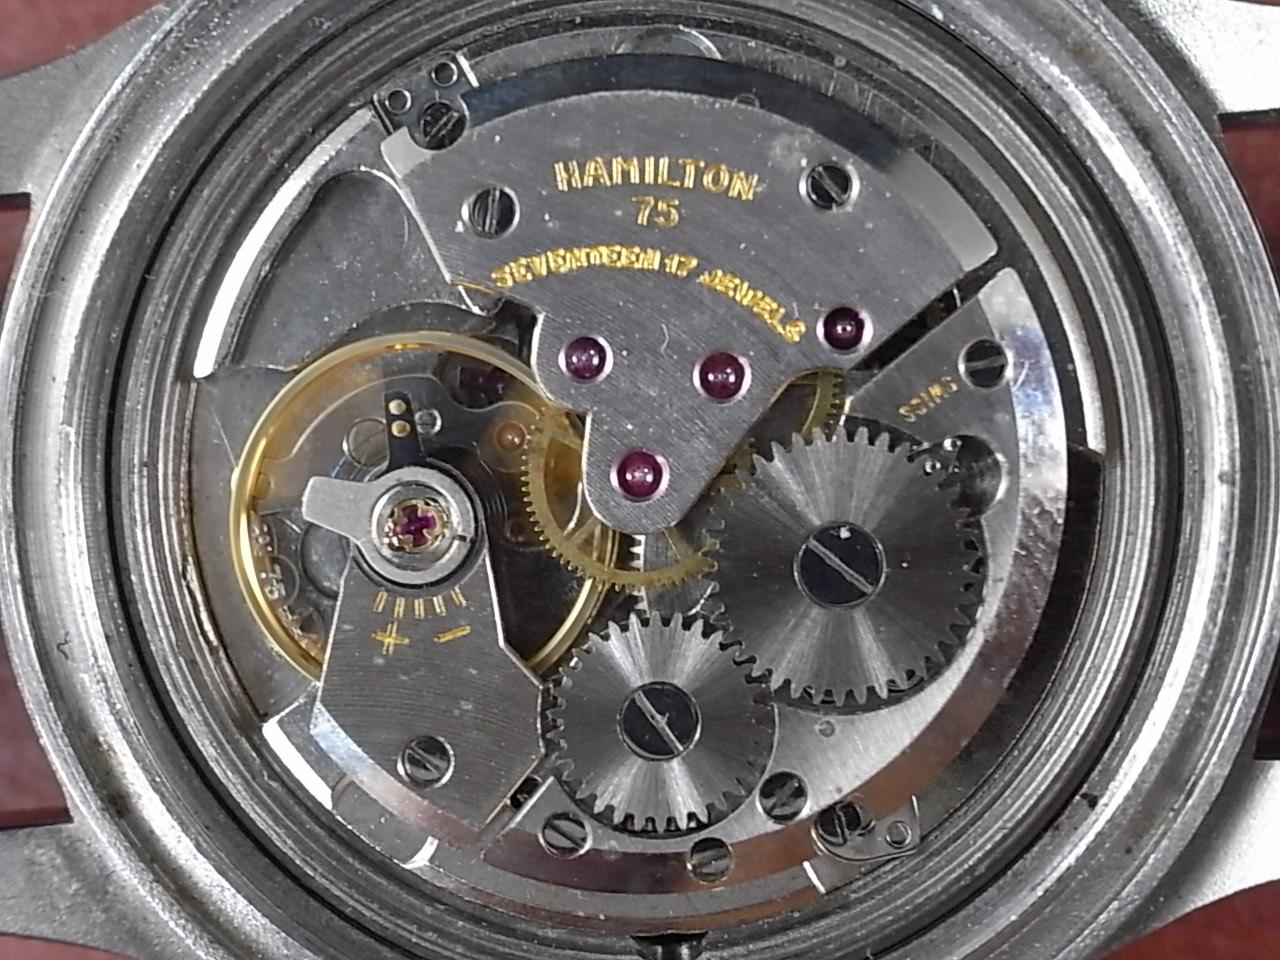 ハミルトン 軍用時計 ロイヤルエアフォース ラウンド 6B 1960年代の写真5枚目